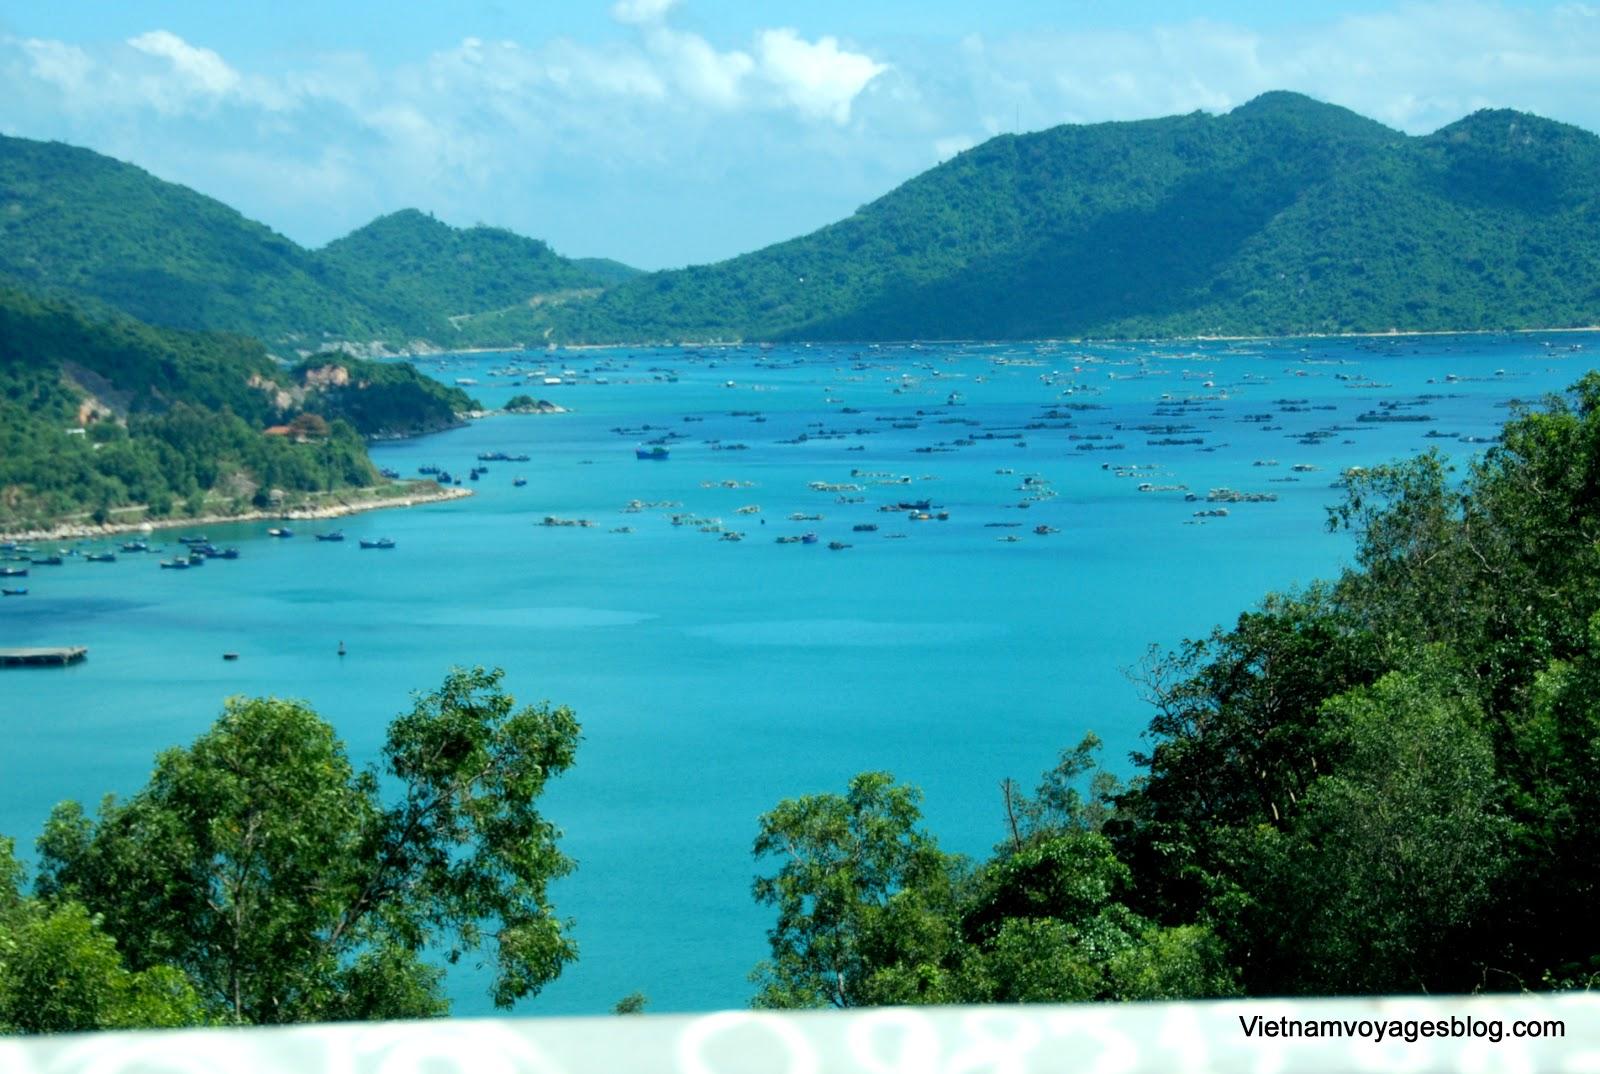 Phong cảnh Vũng Rô nhìn từ Đèo Cả